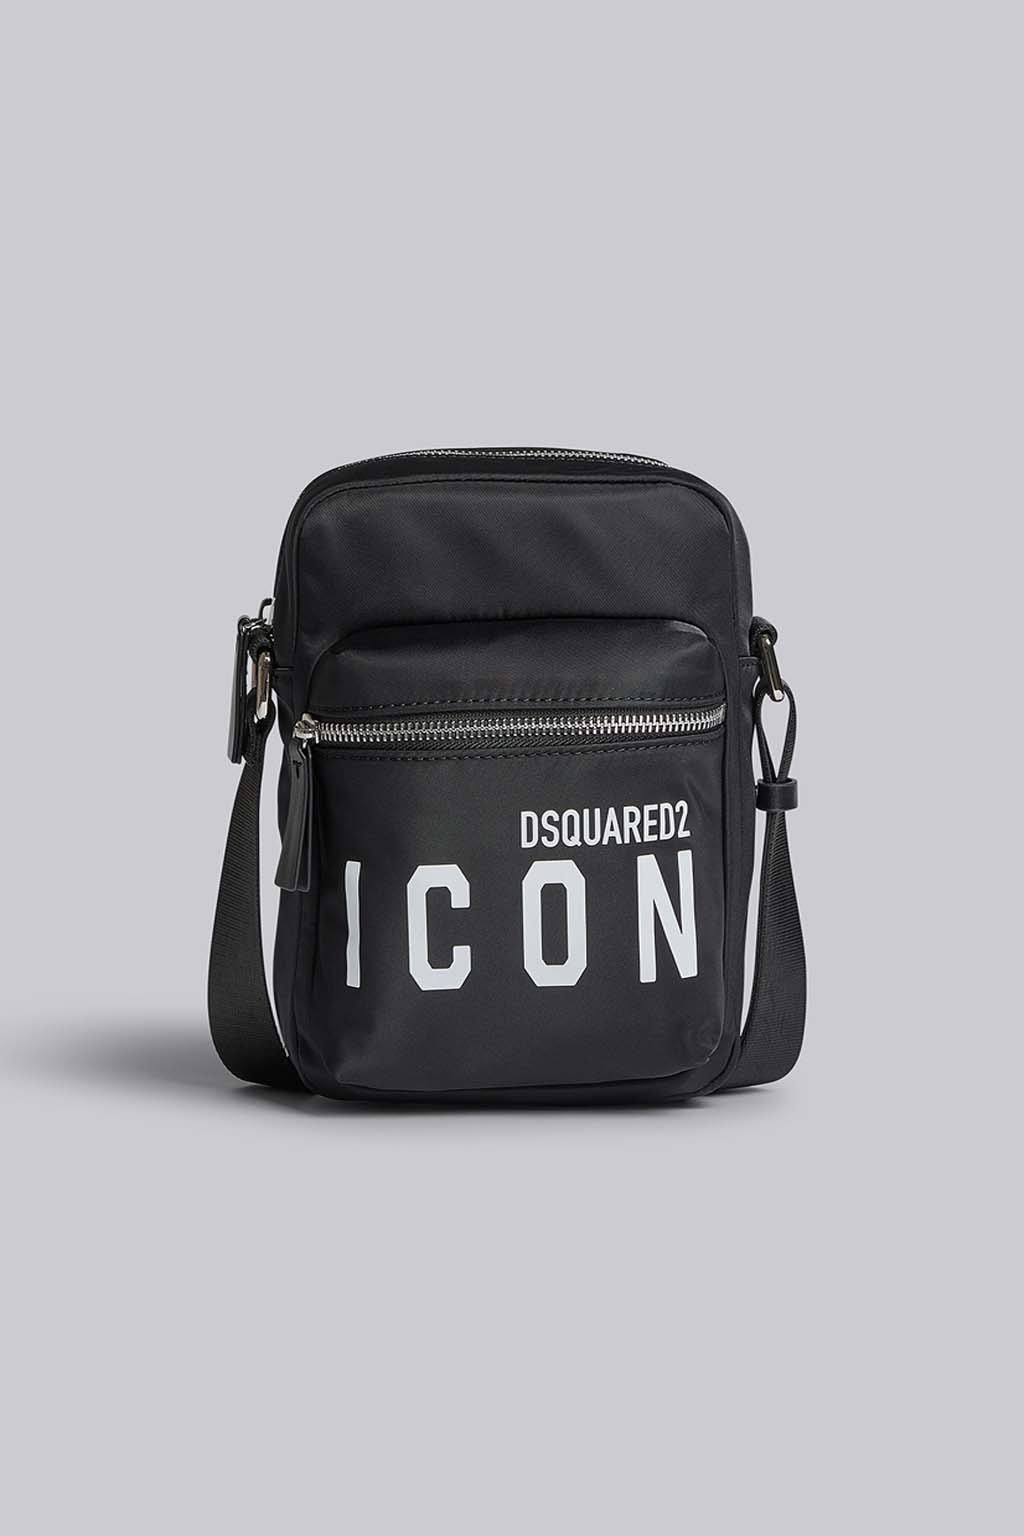 Pánská Crossbody taška Dsquared2 Icon černá